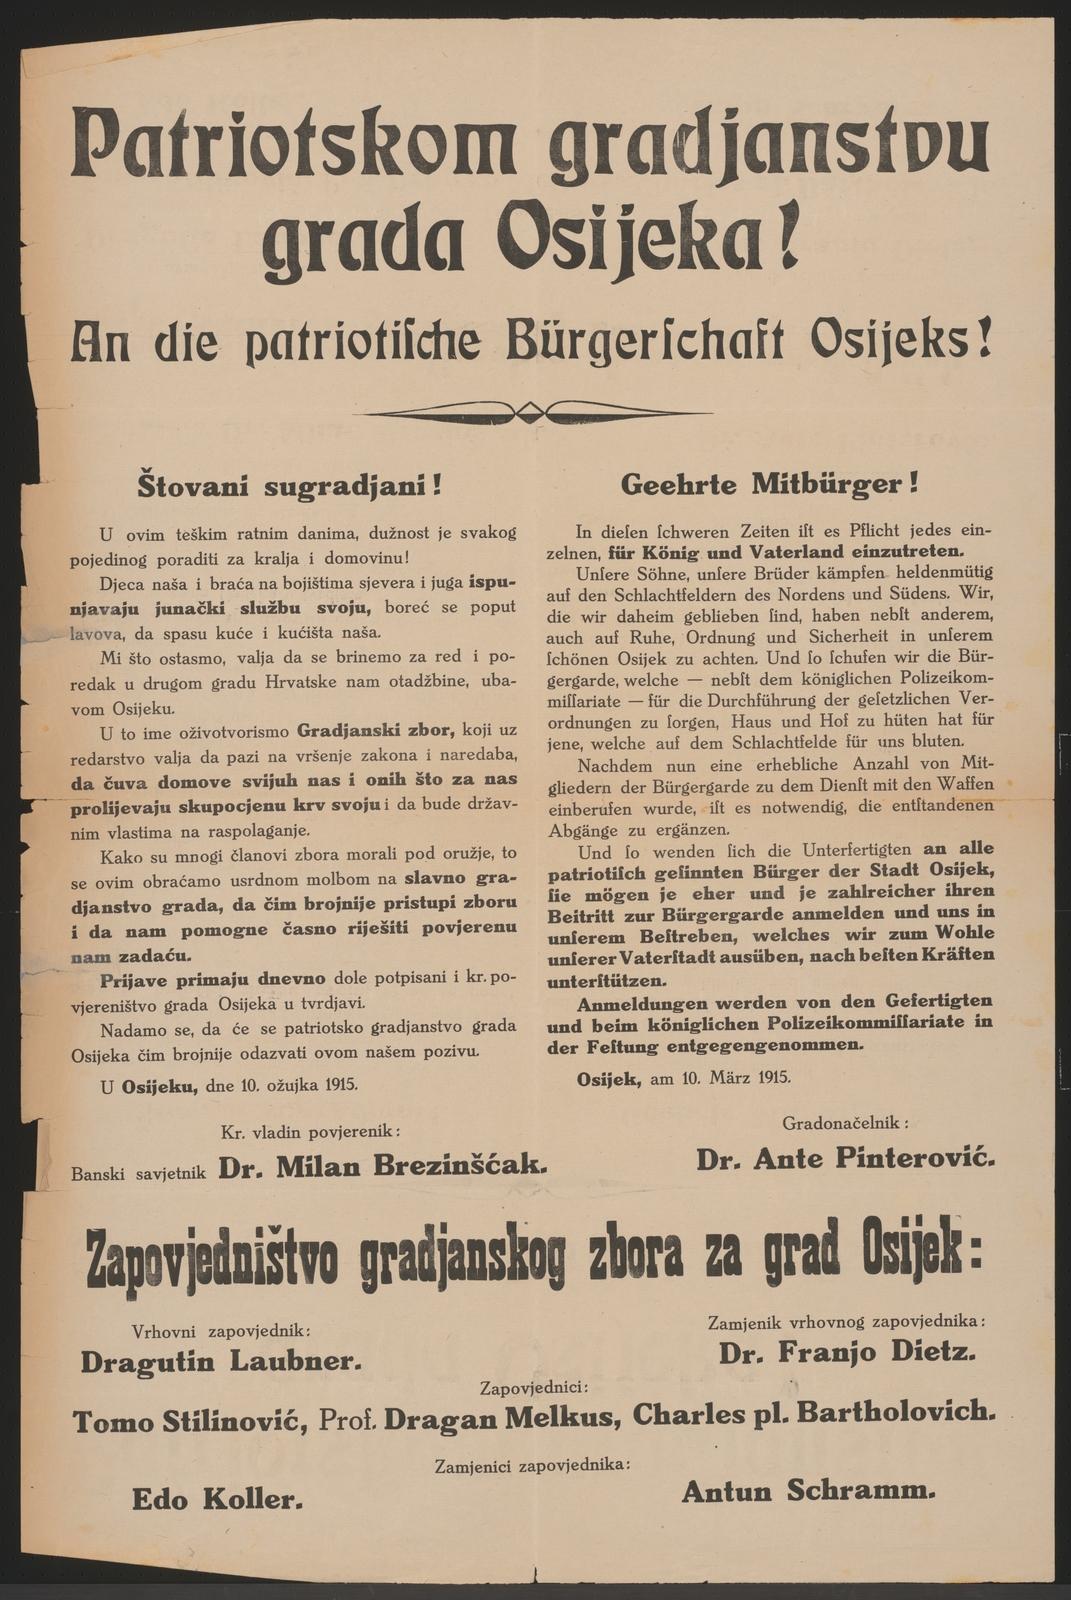 Beitritt zur Bürgergarde - Aufruf - Osijek - Mehrsprachiges Plakat